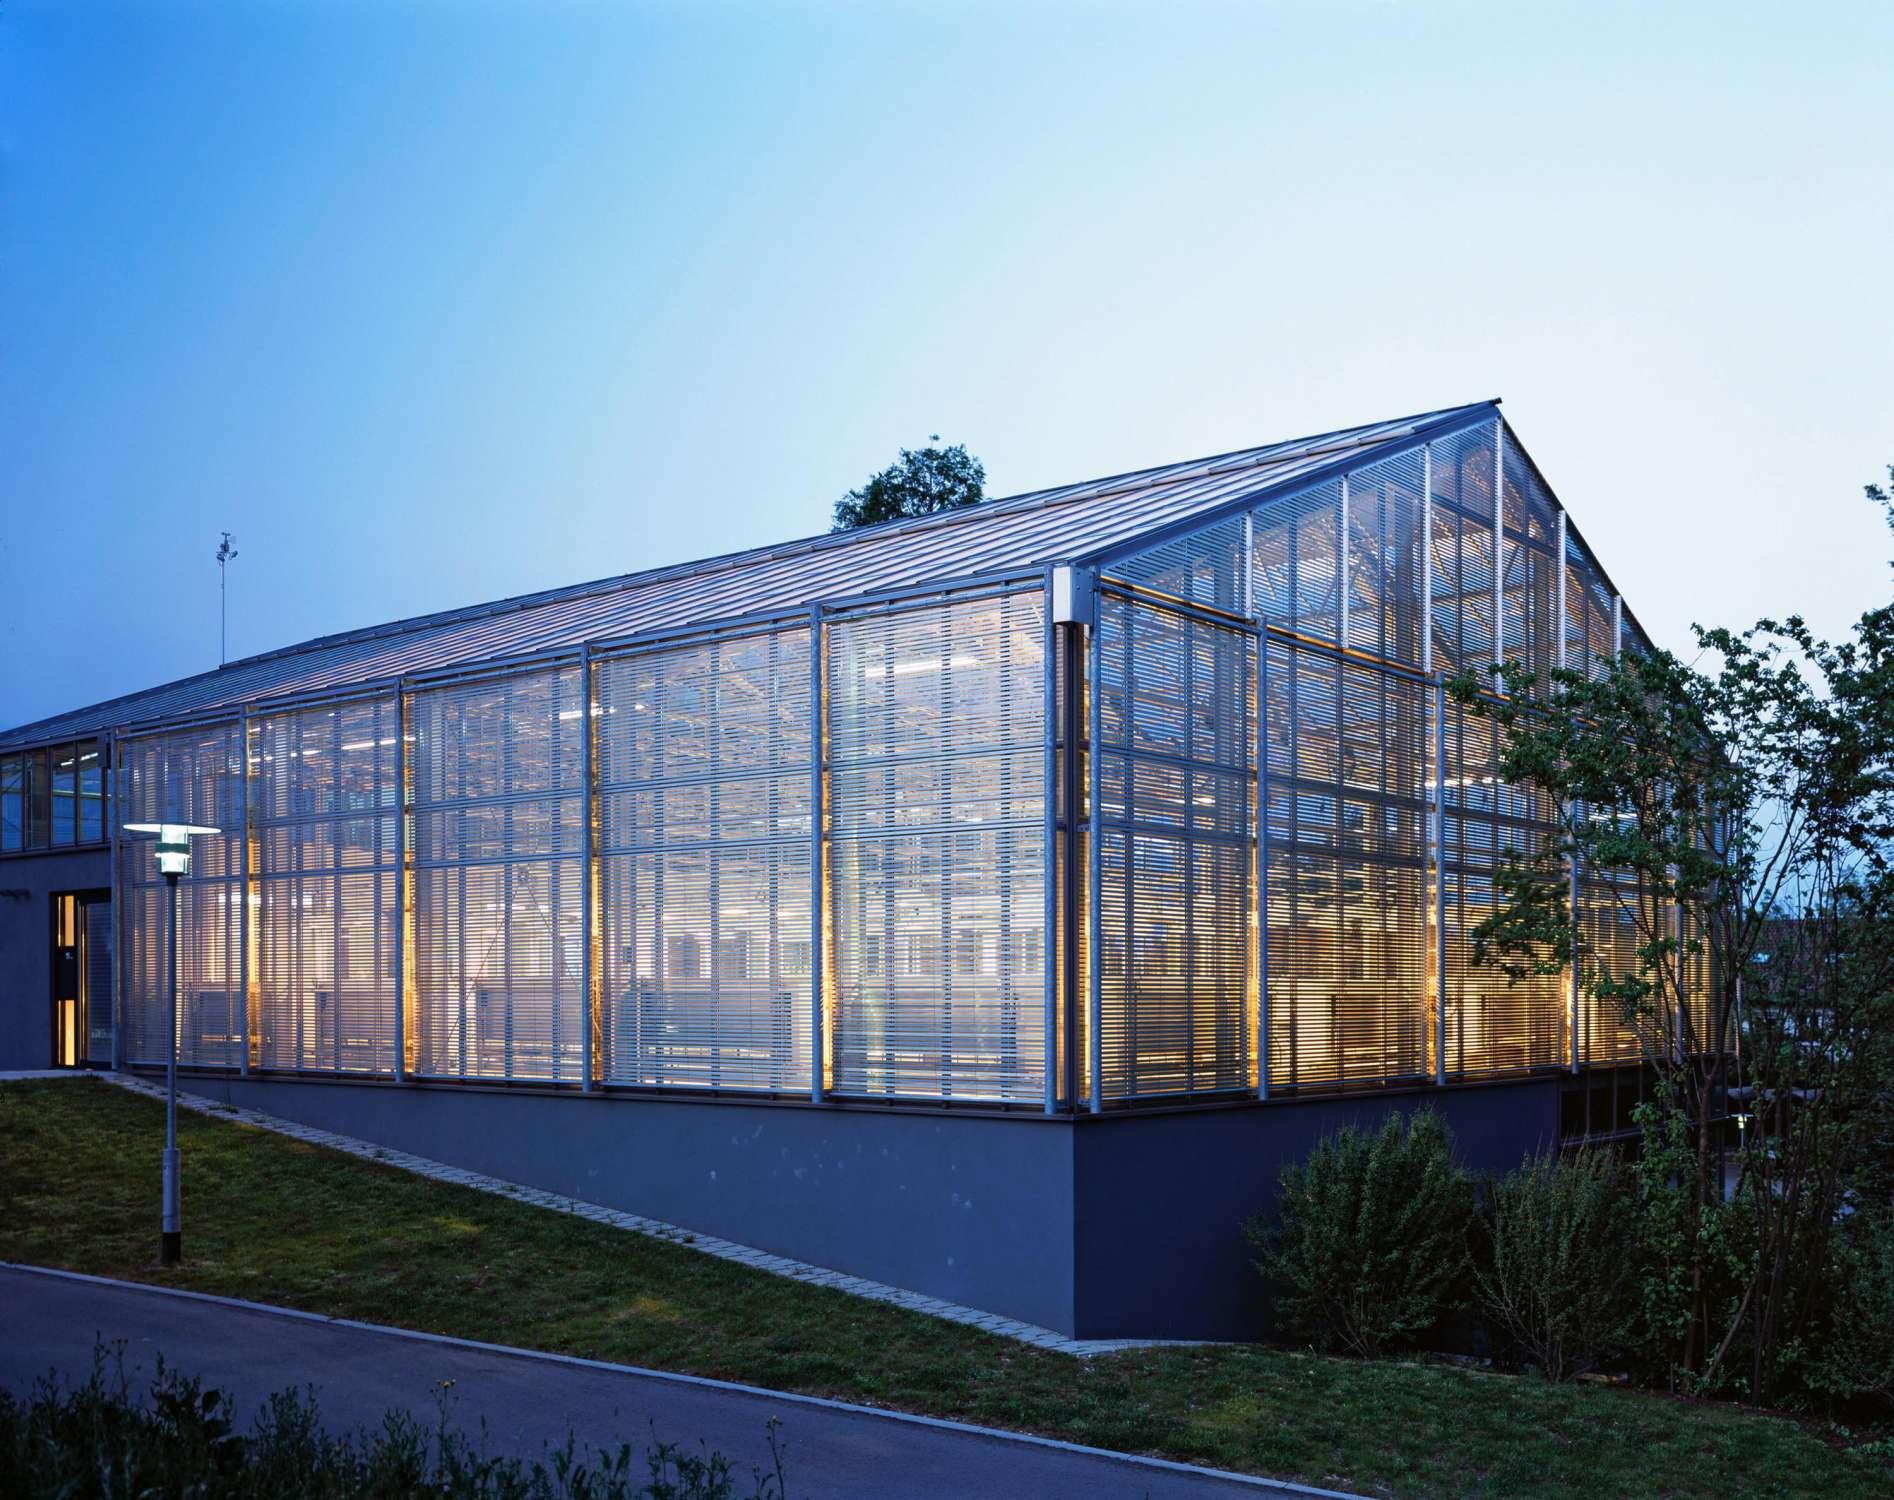 Gewächshaus zur Pflanzenforschung (14)